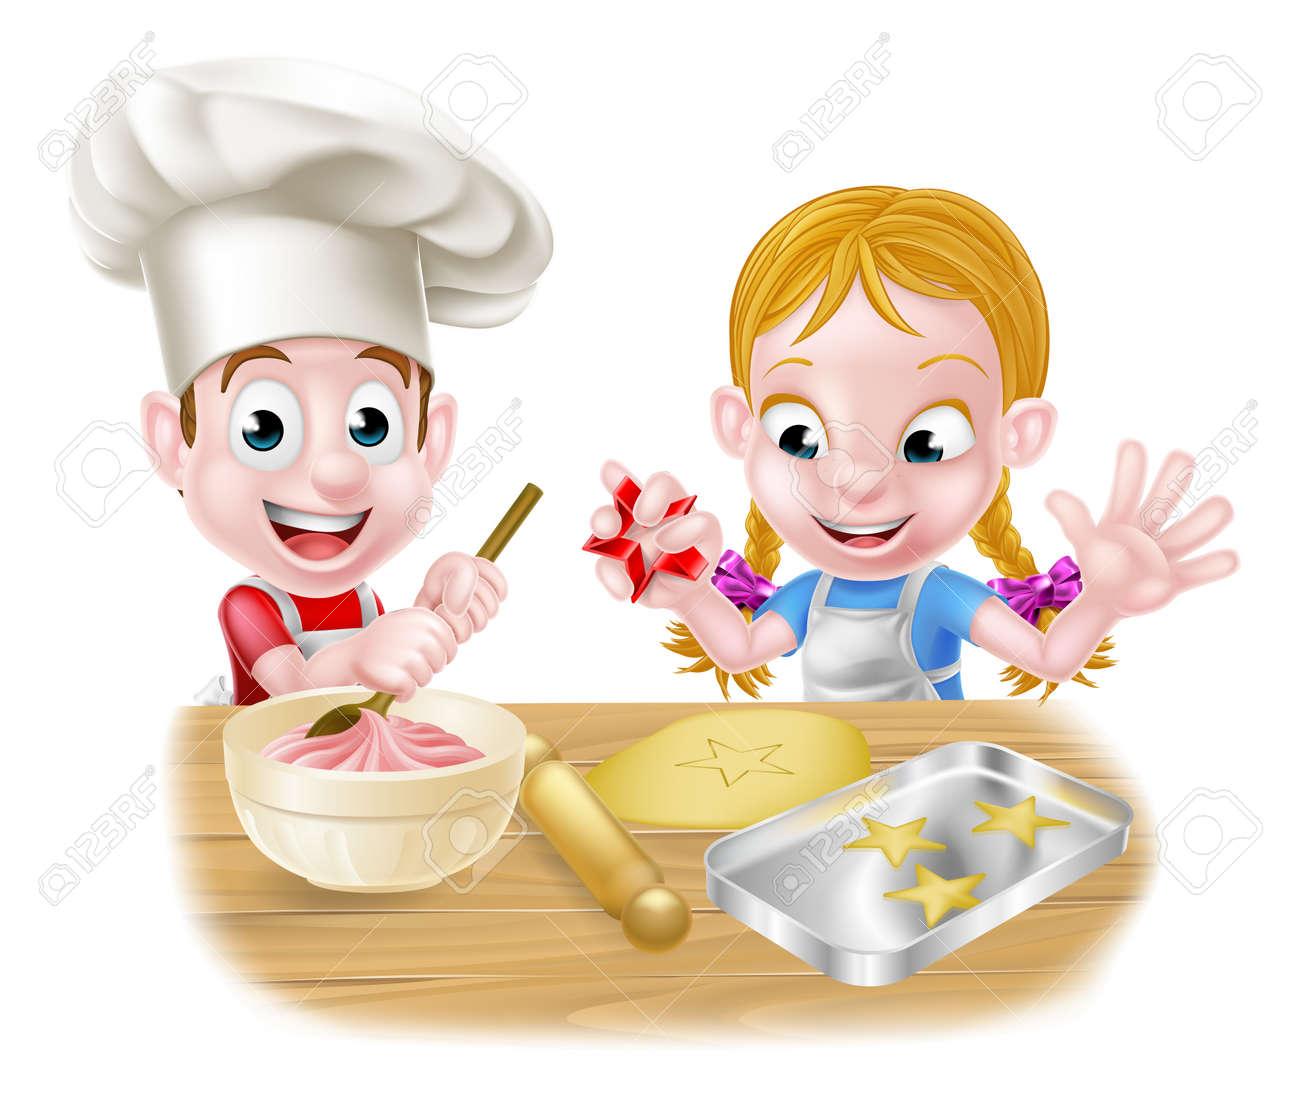 Los Niños De Dibujos Animados Cocinero Hornear Pasteles Y Galletas